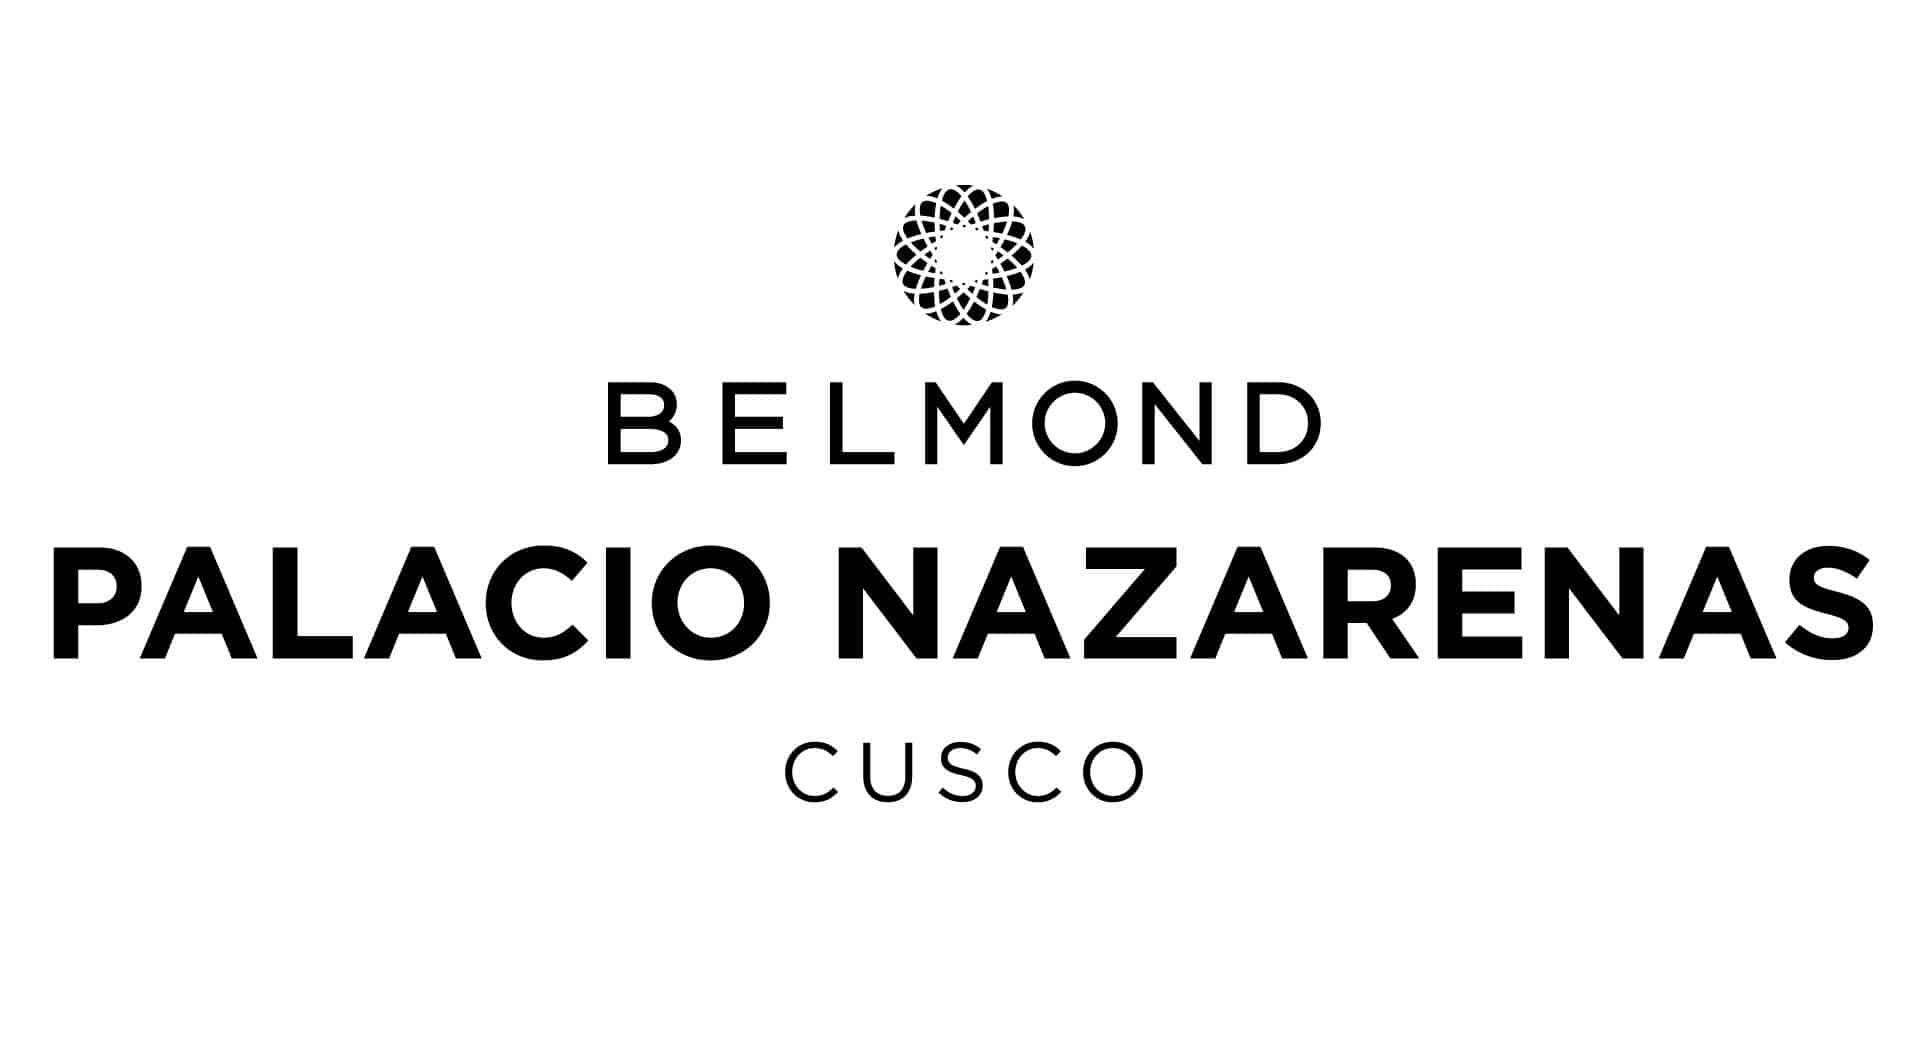 Belmond Pacacio Nazzrenas Logo